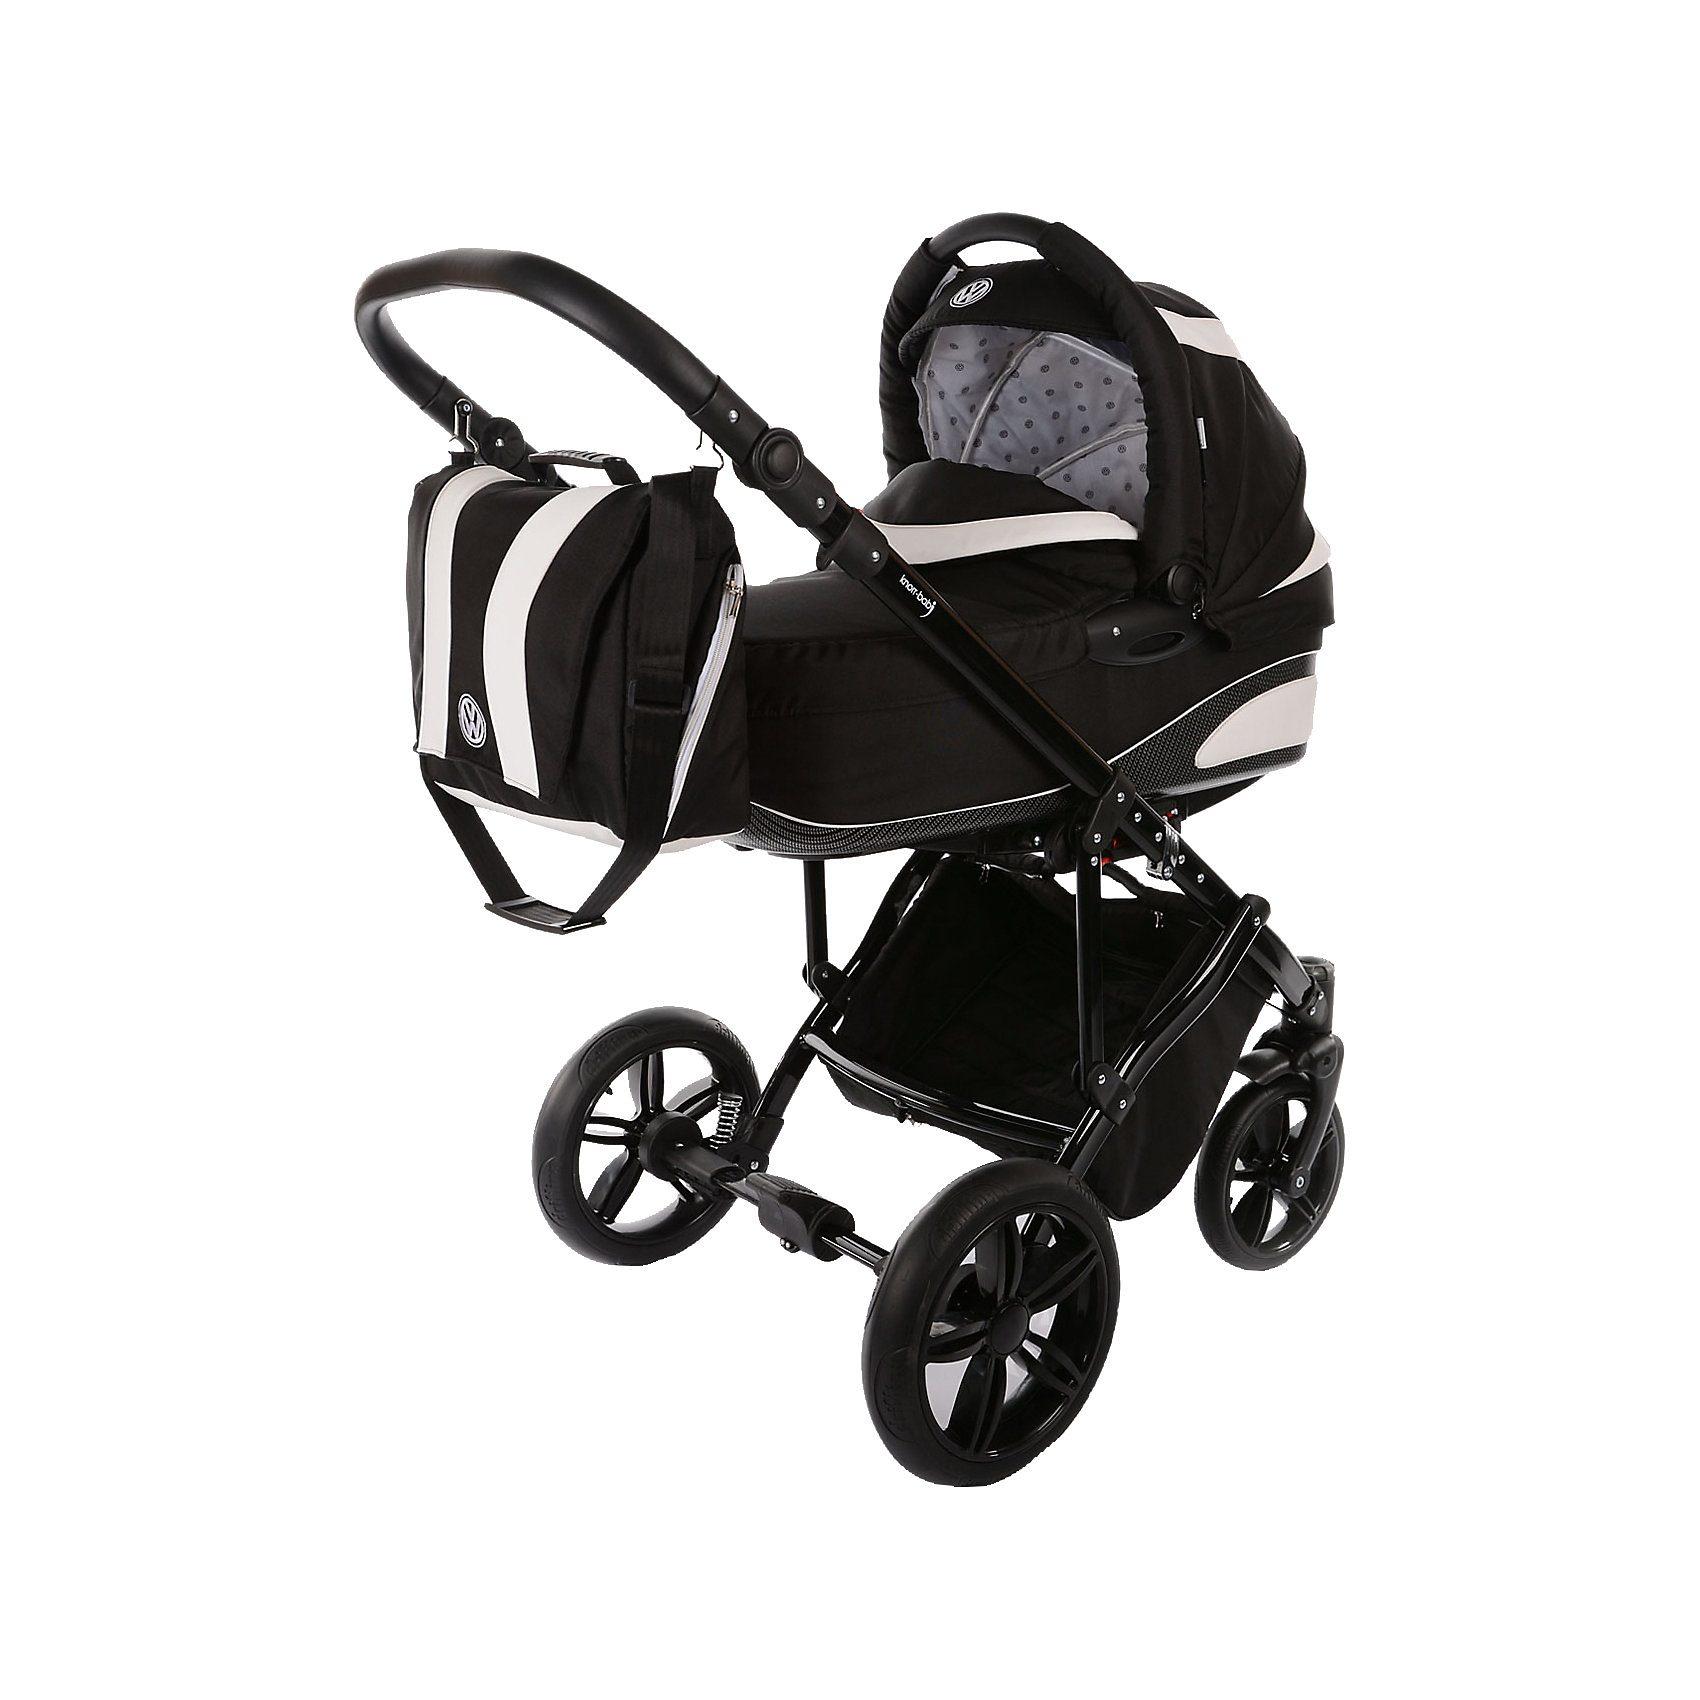 knorr-baby Kombi Kinderwagen Volkswagen Carbon, schwarz